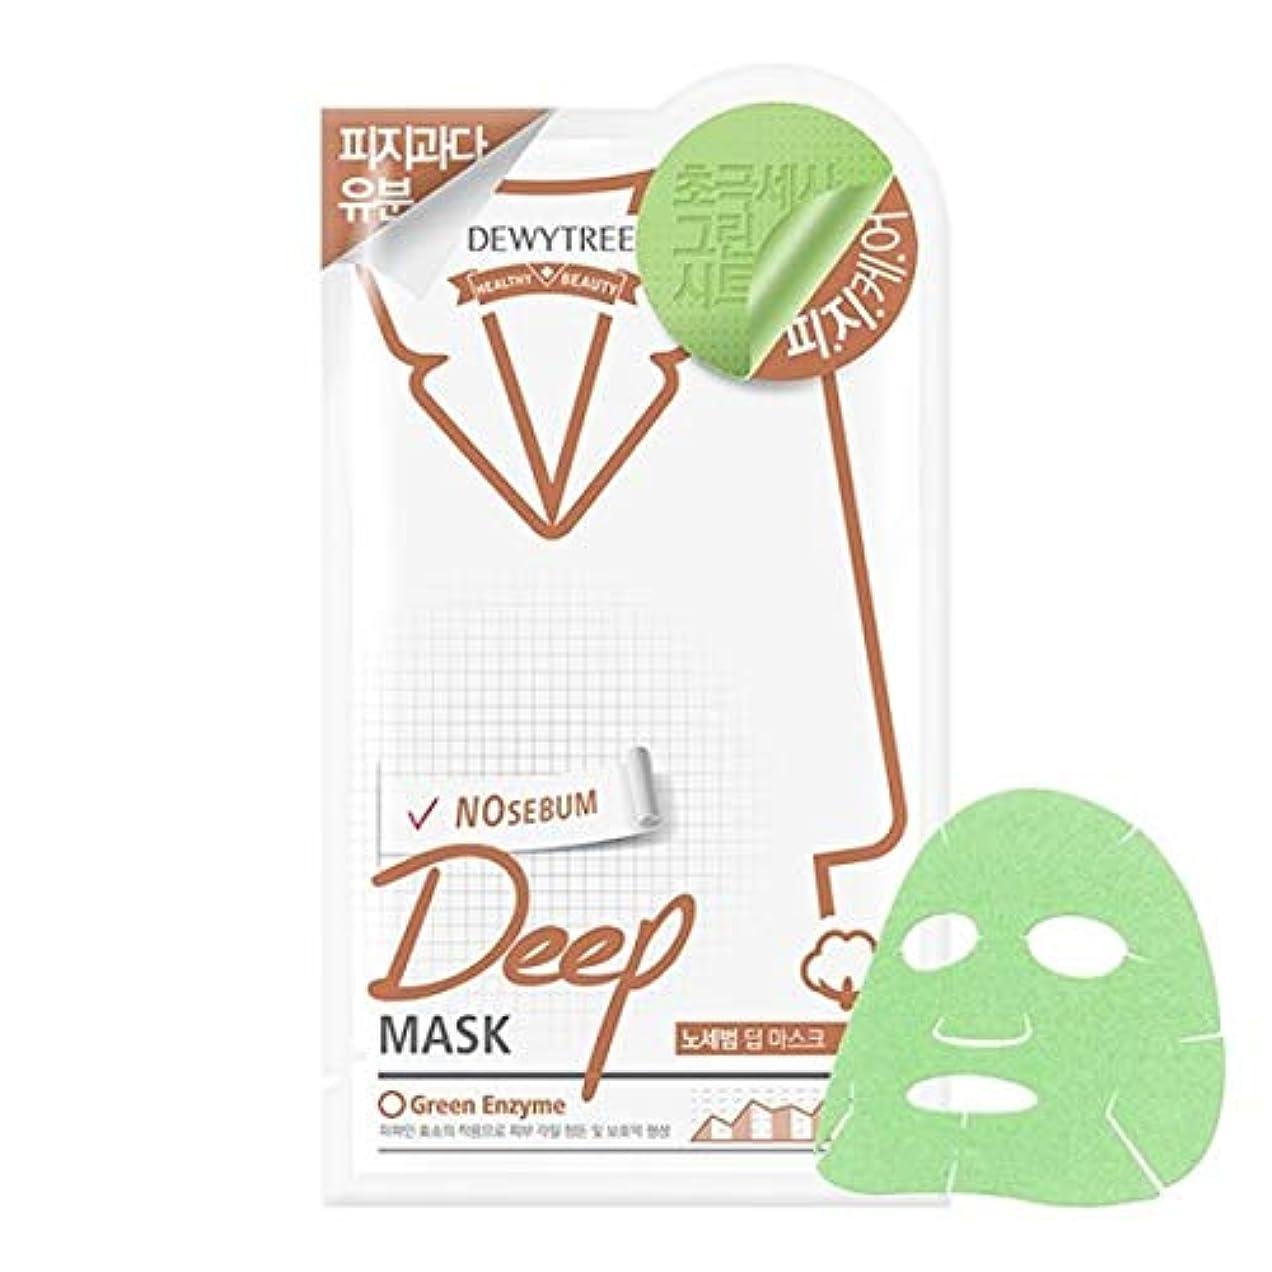 小道サーキットに行くシェルター(デューイトゥリー) DEWYTREE ノセボムディープマスク 20枚 Nosebum Deep Mask 韓国マスクパック (並行輸入品)